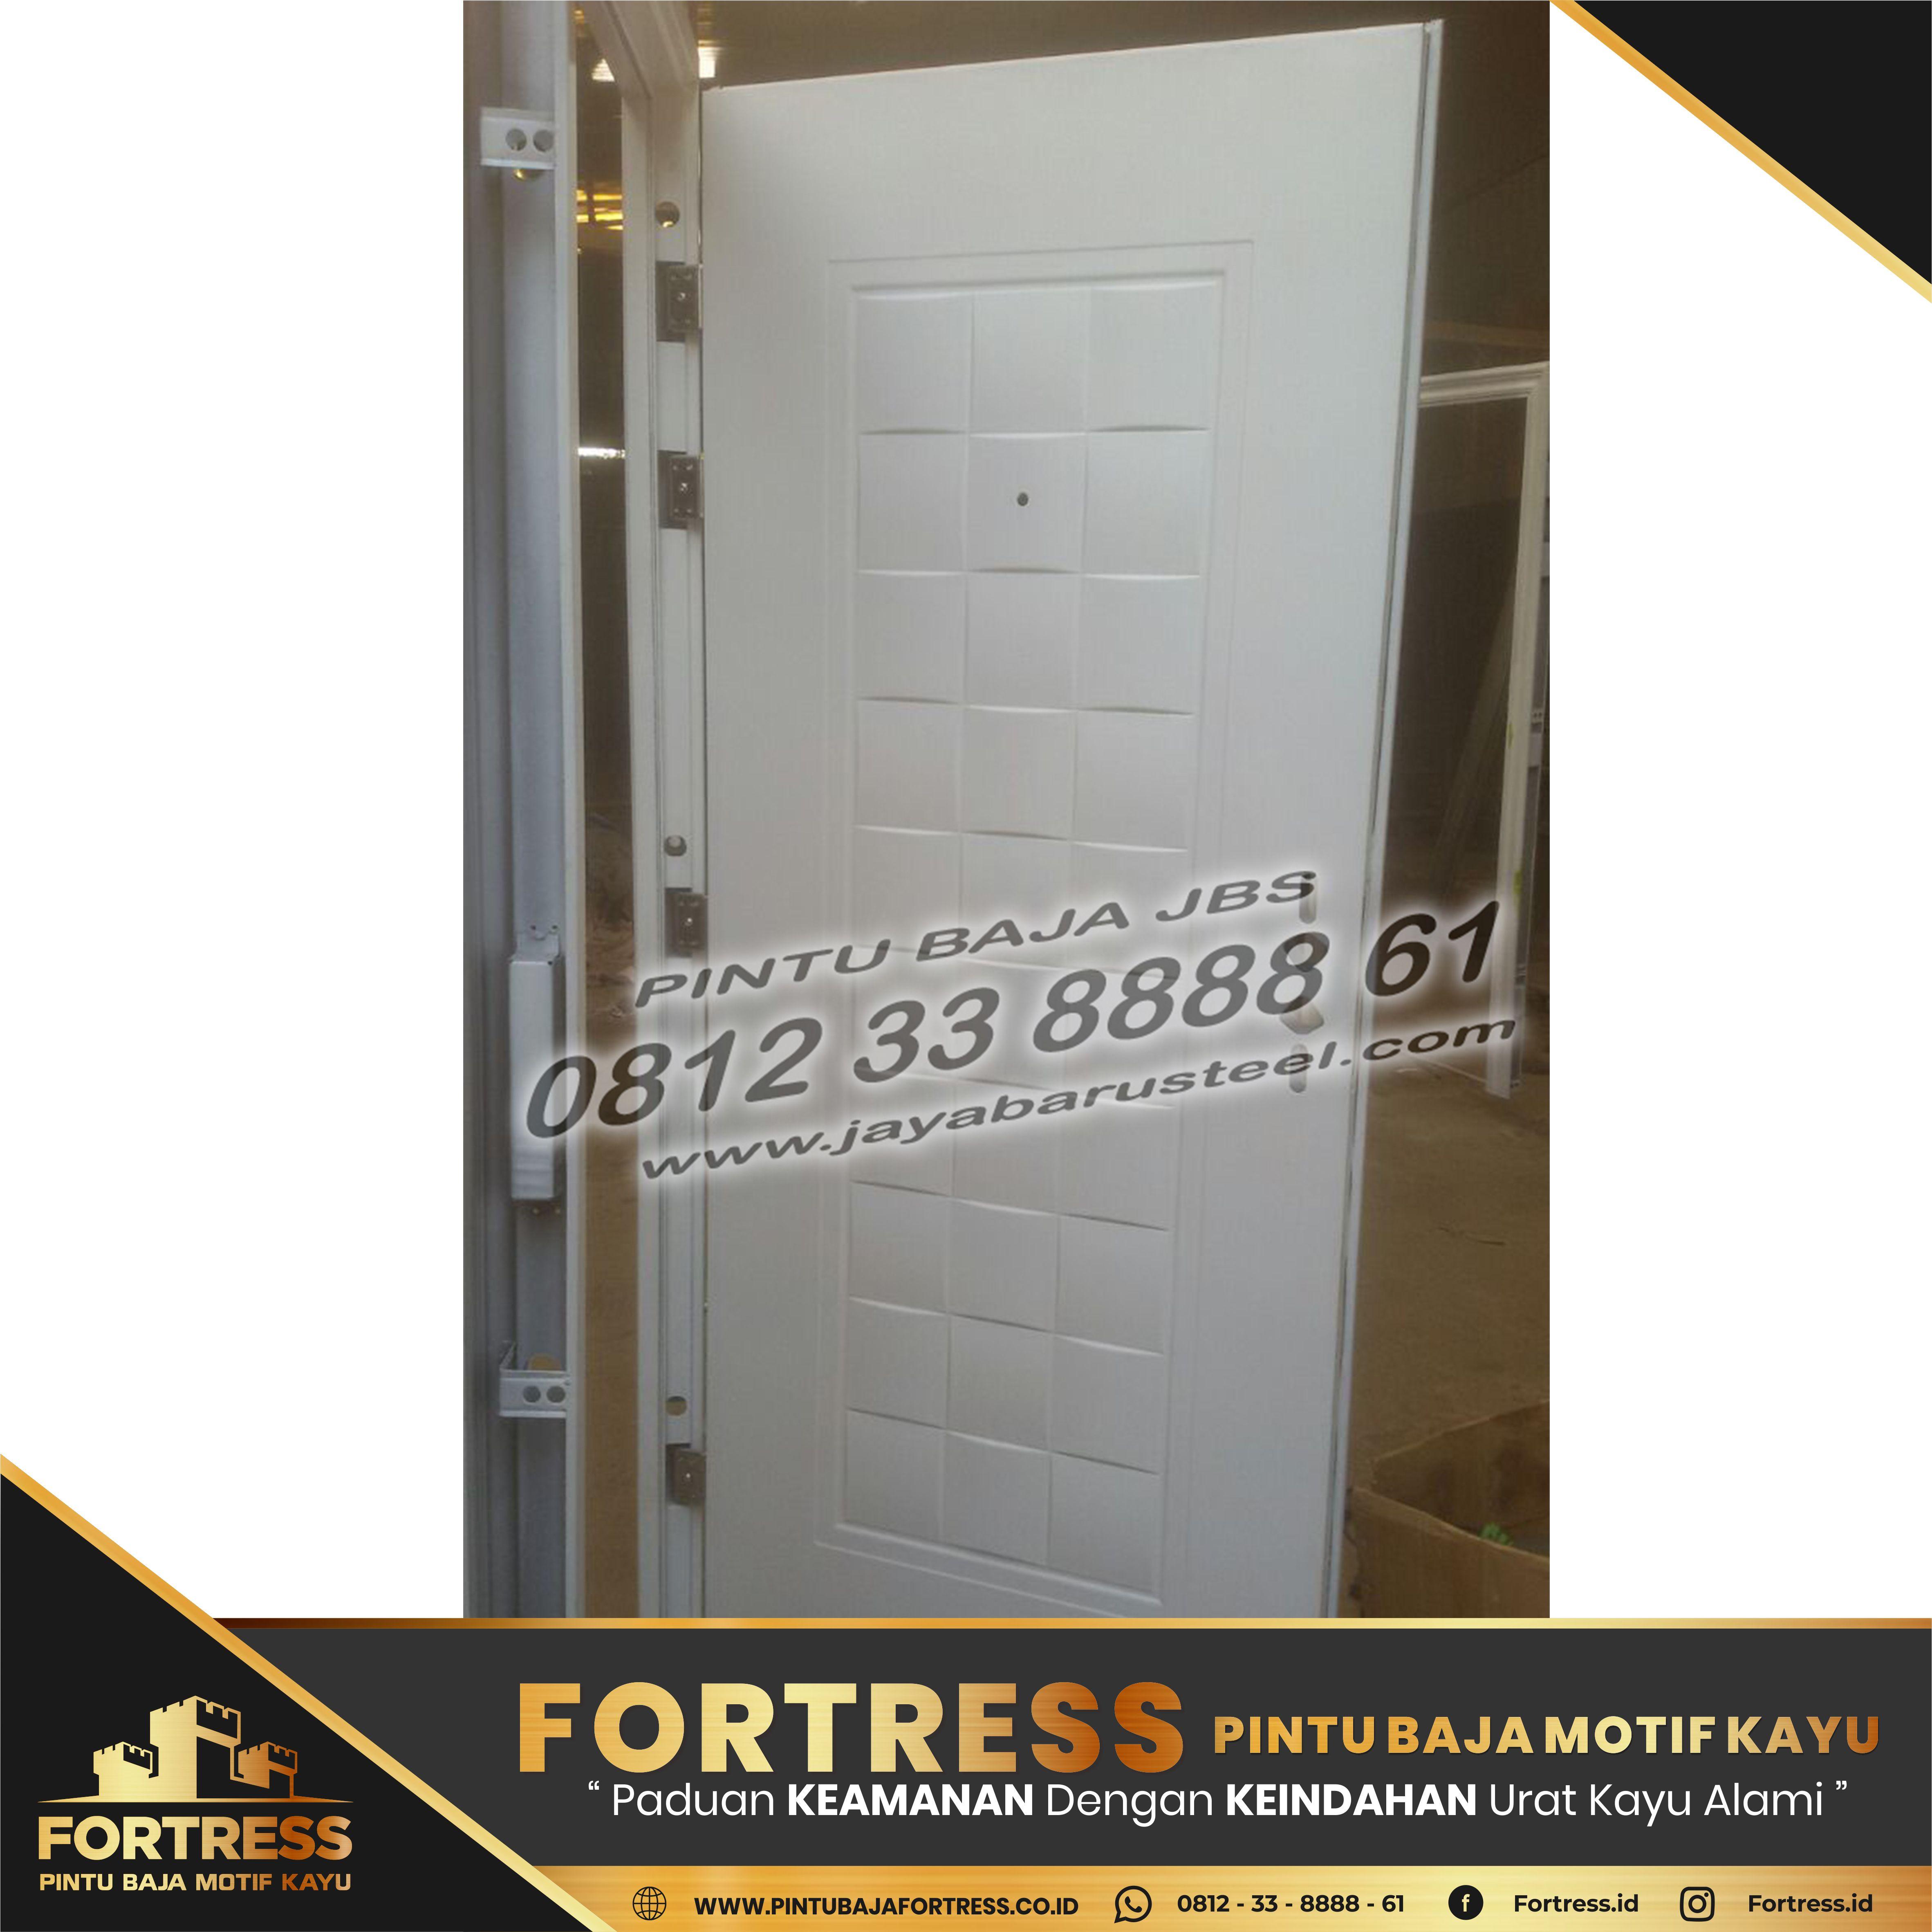 0812-91-6261-07 (JBS) Padang Steel Valve Door